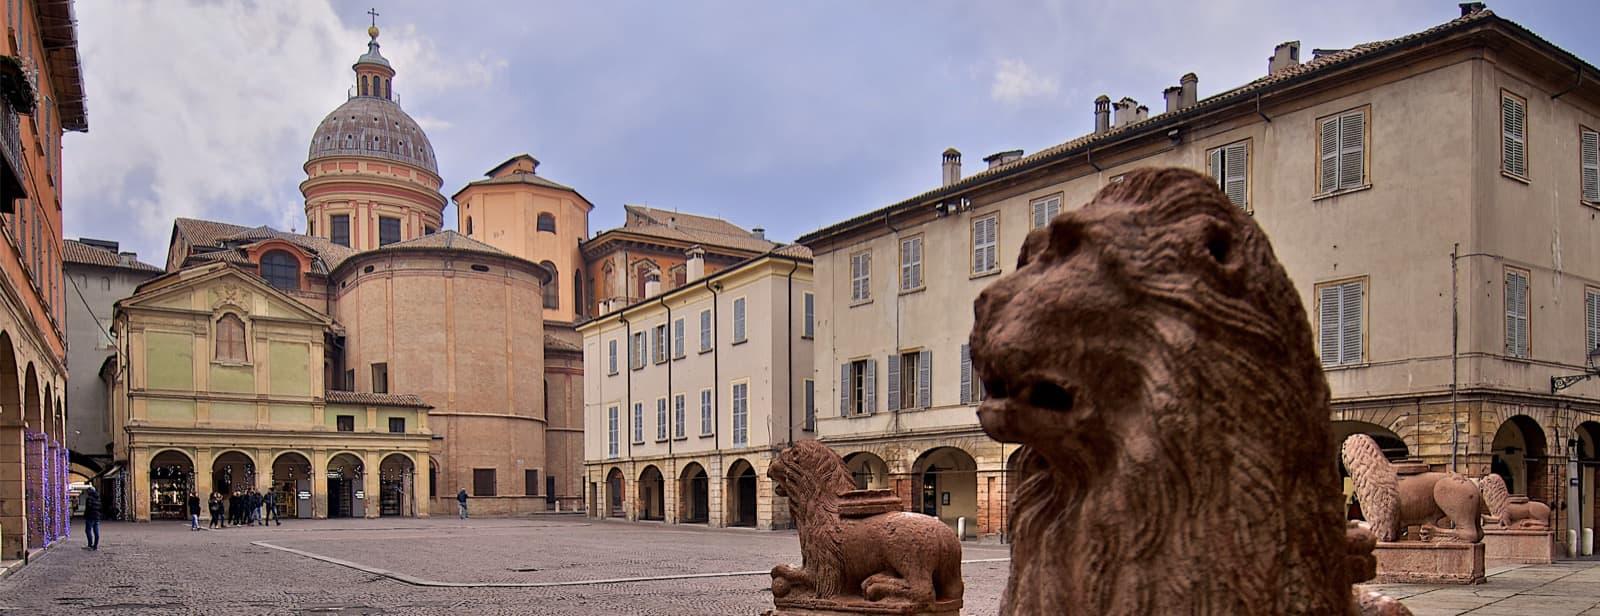 Cosa fare con i bambini a Reggio Emilia e dintorni